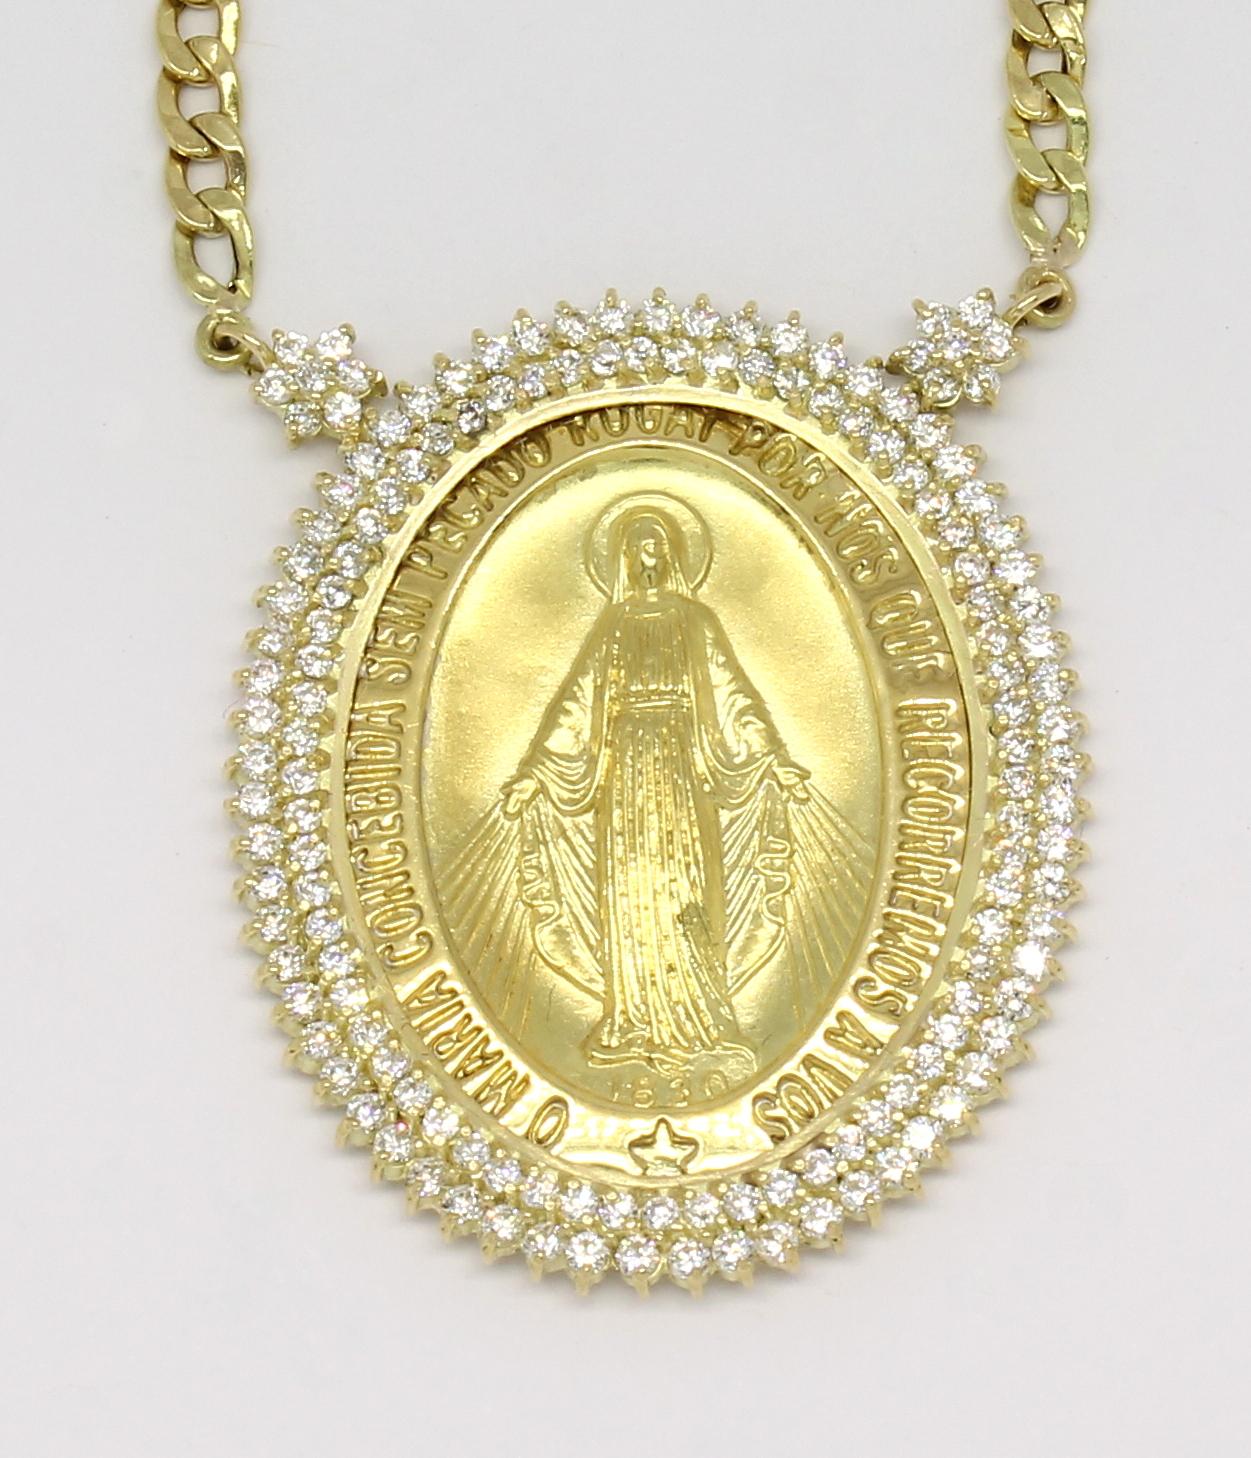 e1763666fb8e0 Ouro Amarelo 18k 750 Archives - Marcio Joalheiros   Marcio Joalheiros